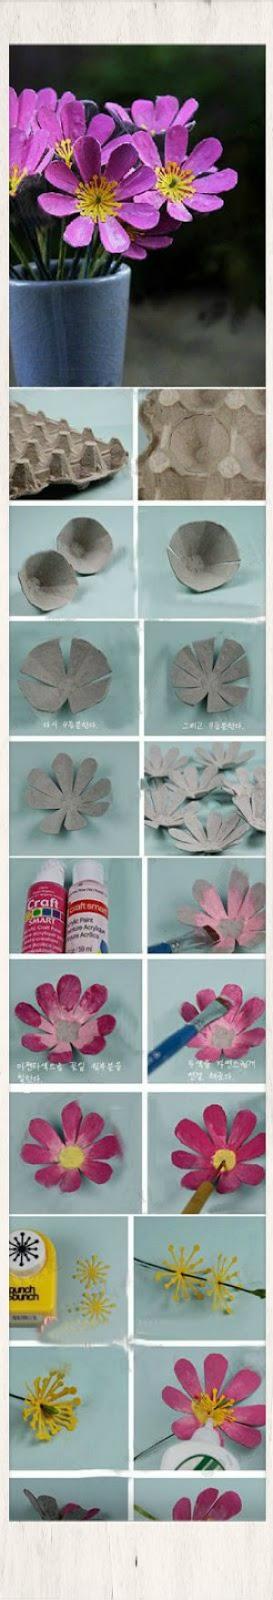 ιδεες διακοσμησης χαρτινες αυγοθηκες,χειροποιητες κατασκευες απο χαρτινες αυγοθηκες